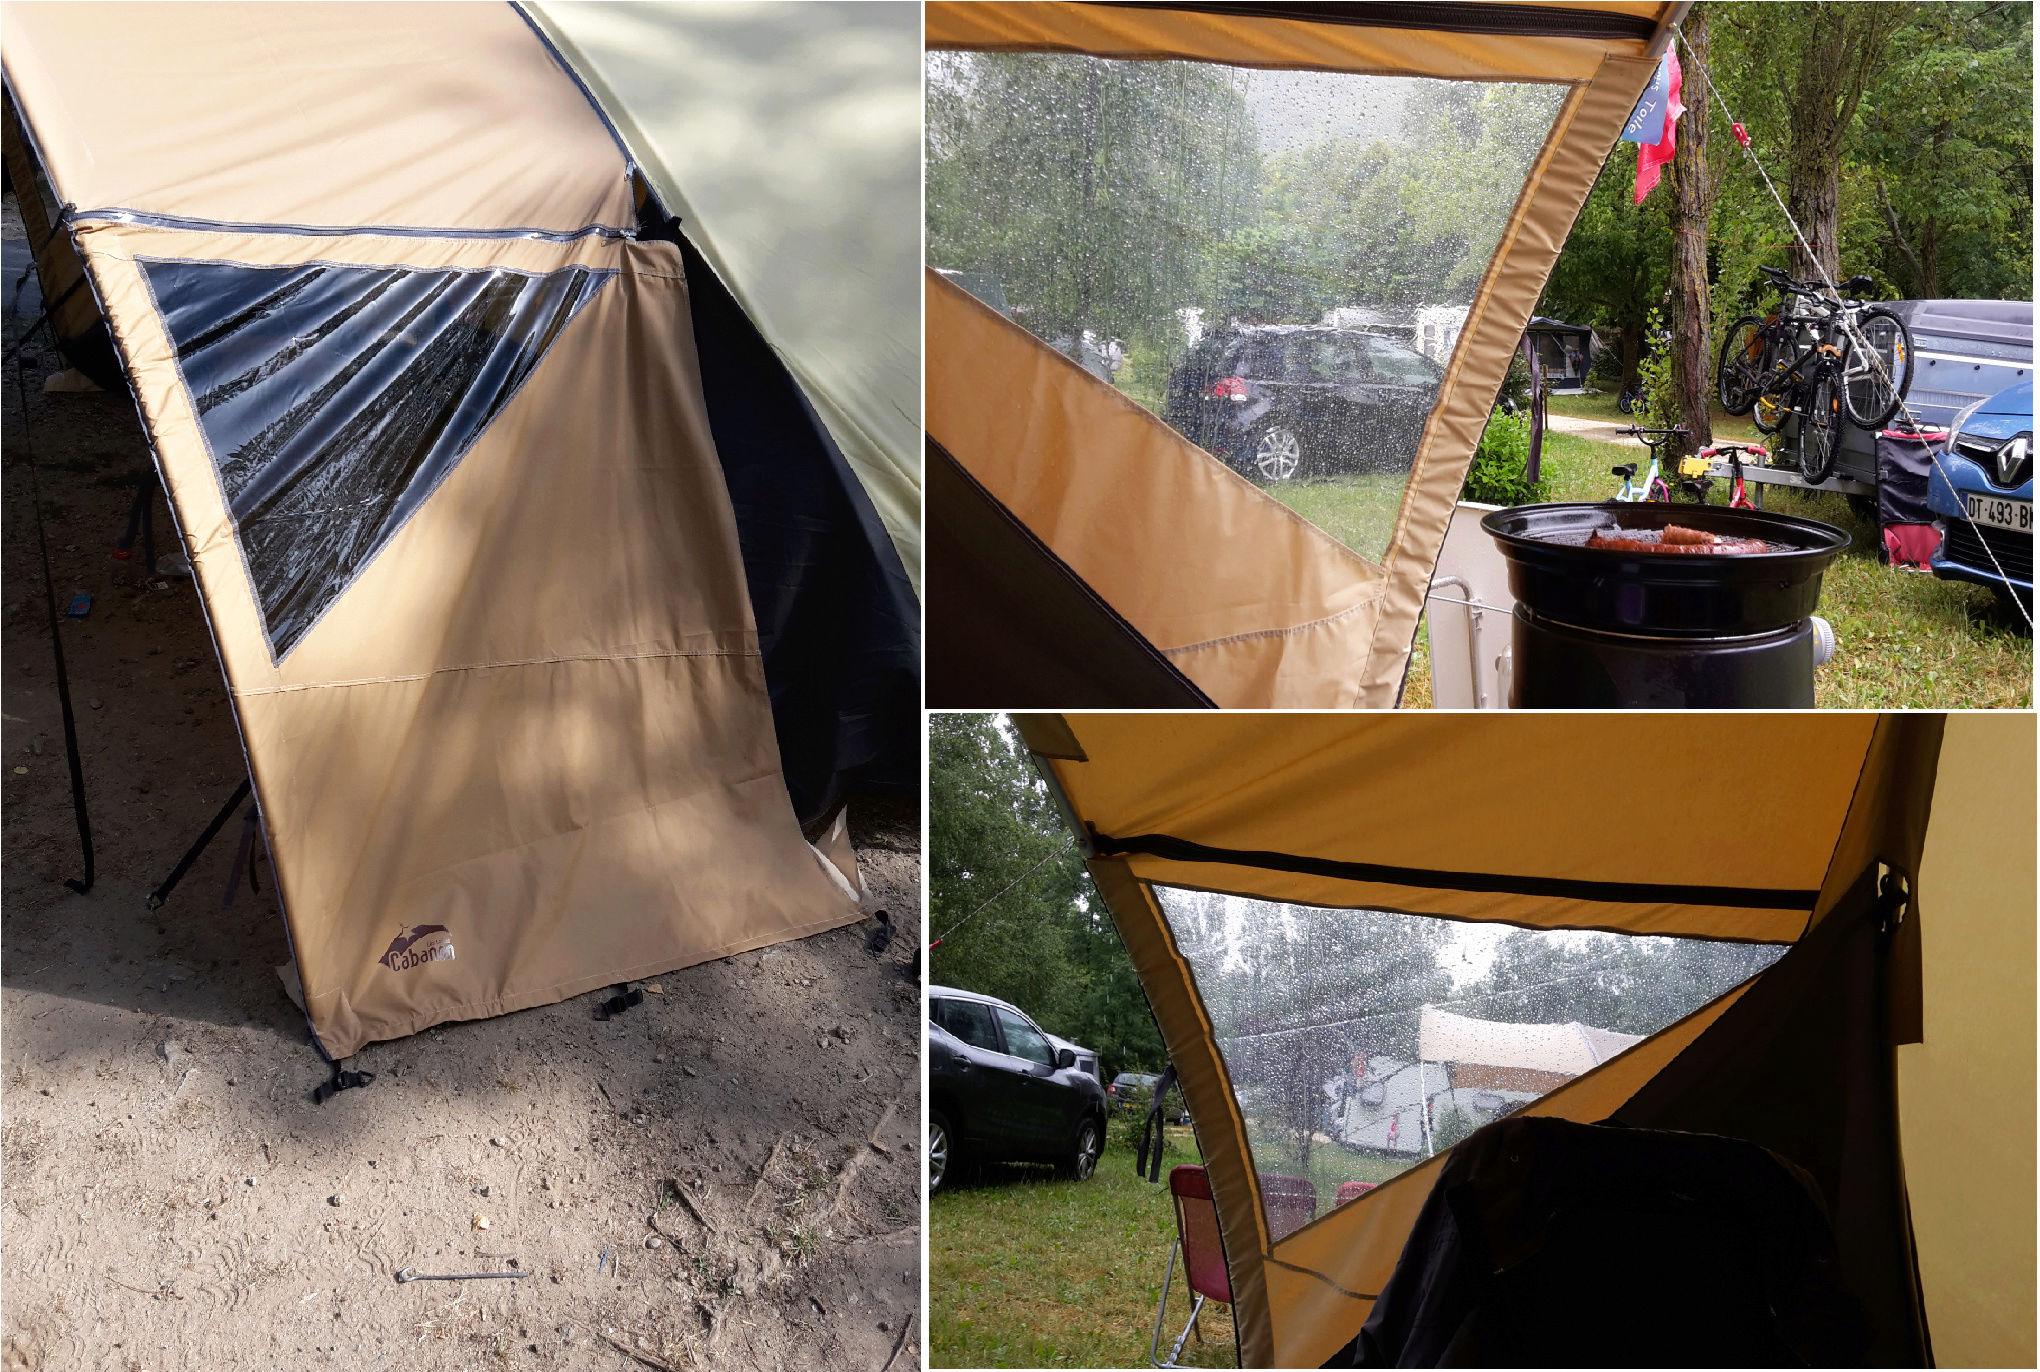 karsten - Long séjour sous une tente tunnel karsten  Joues10